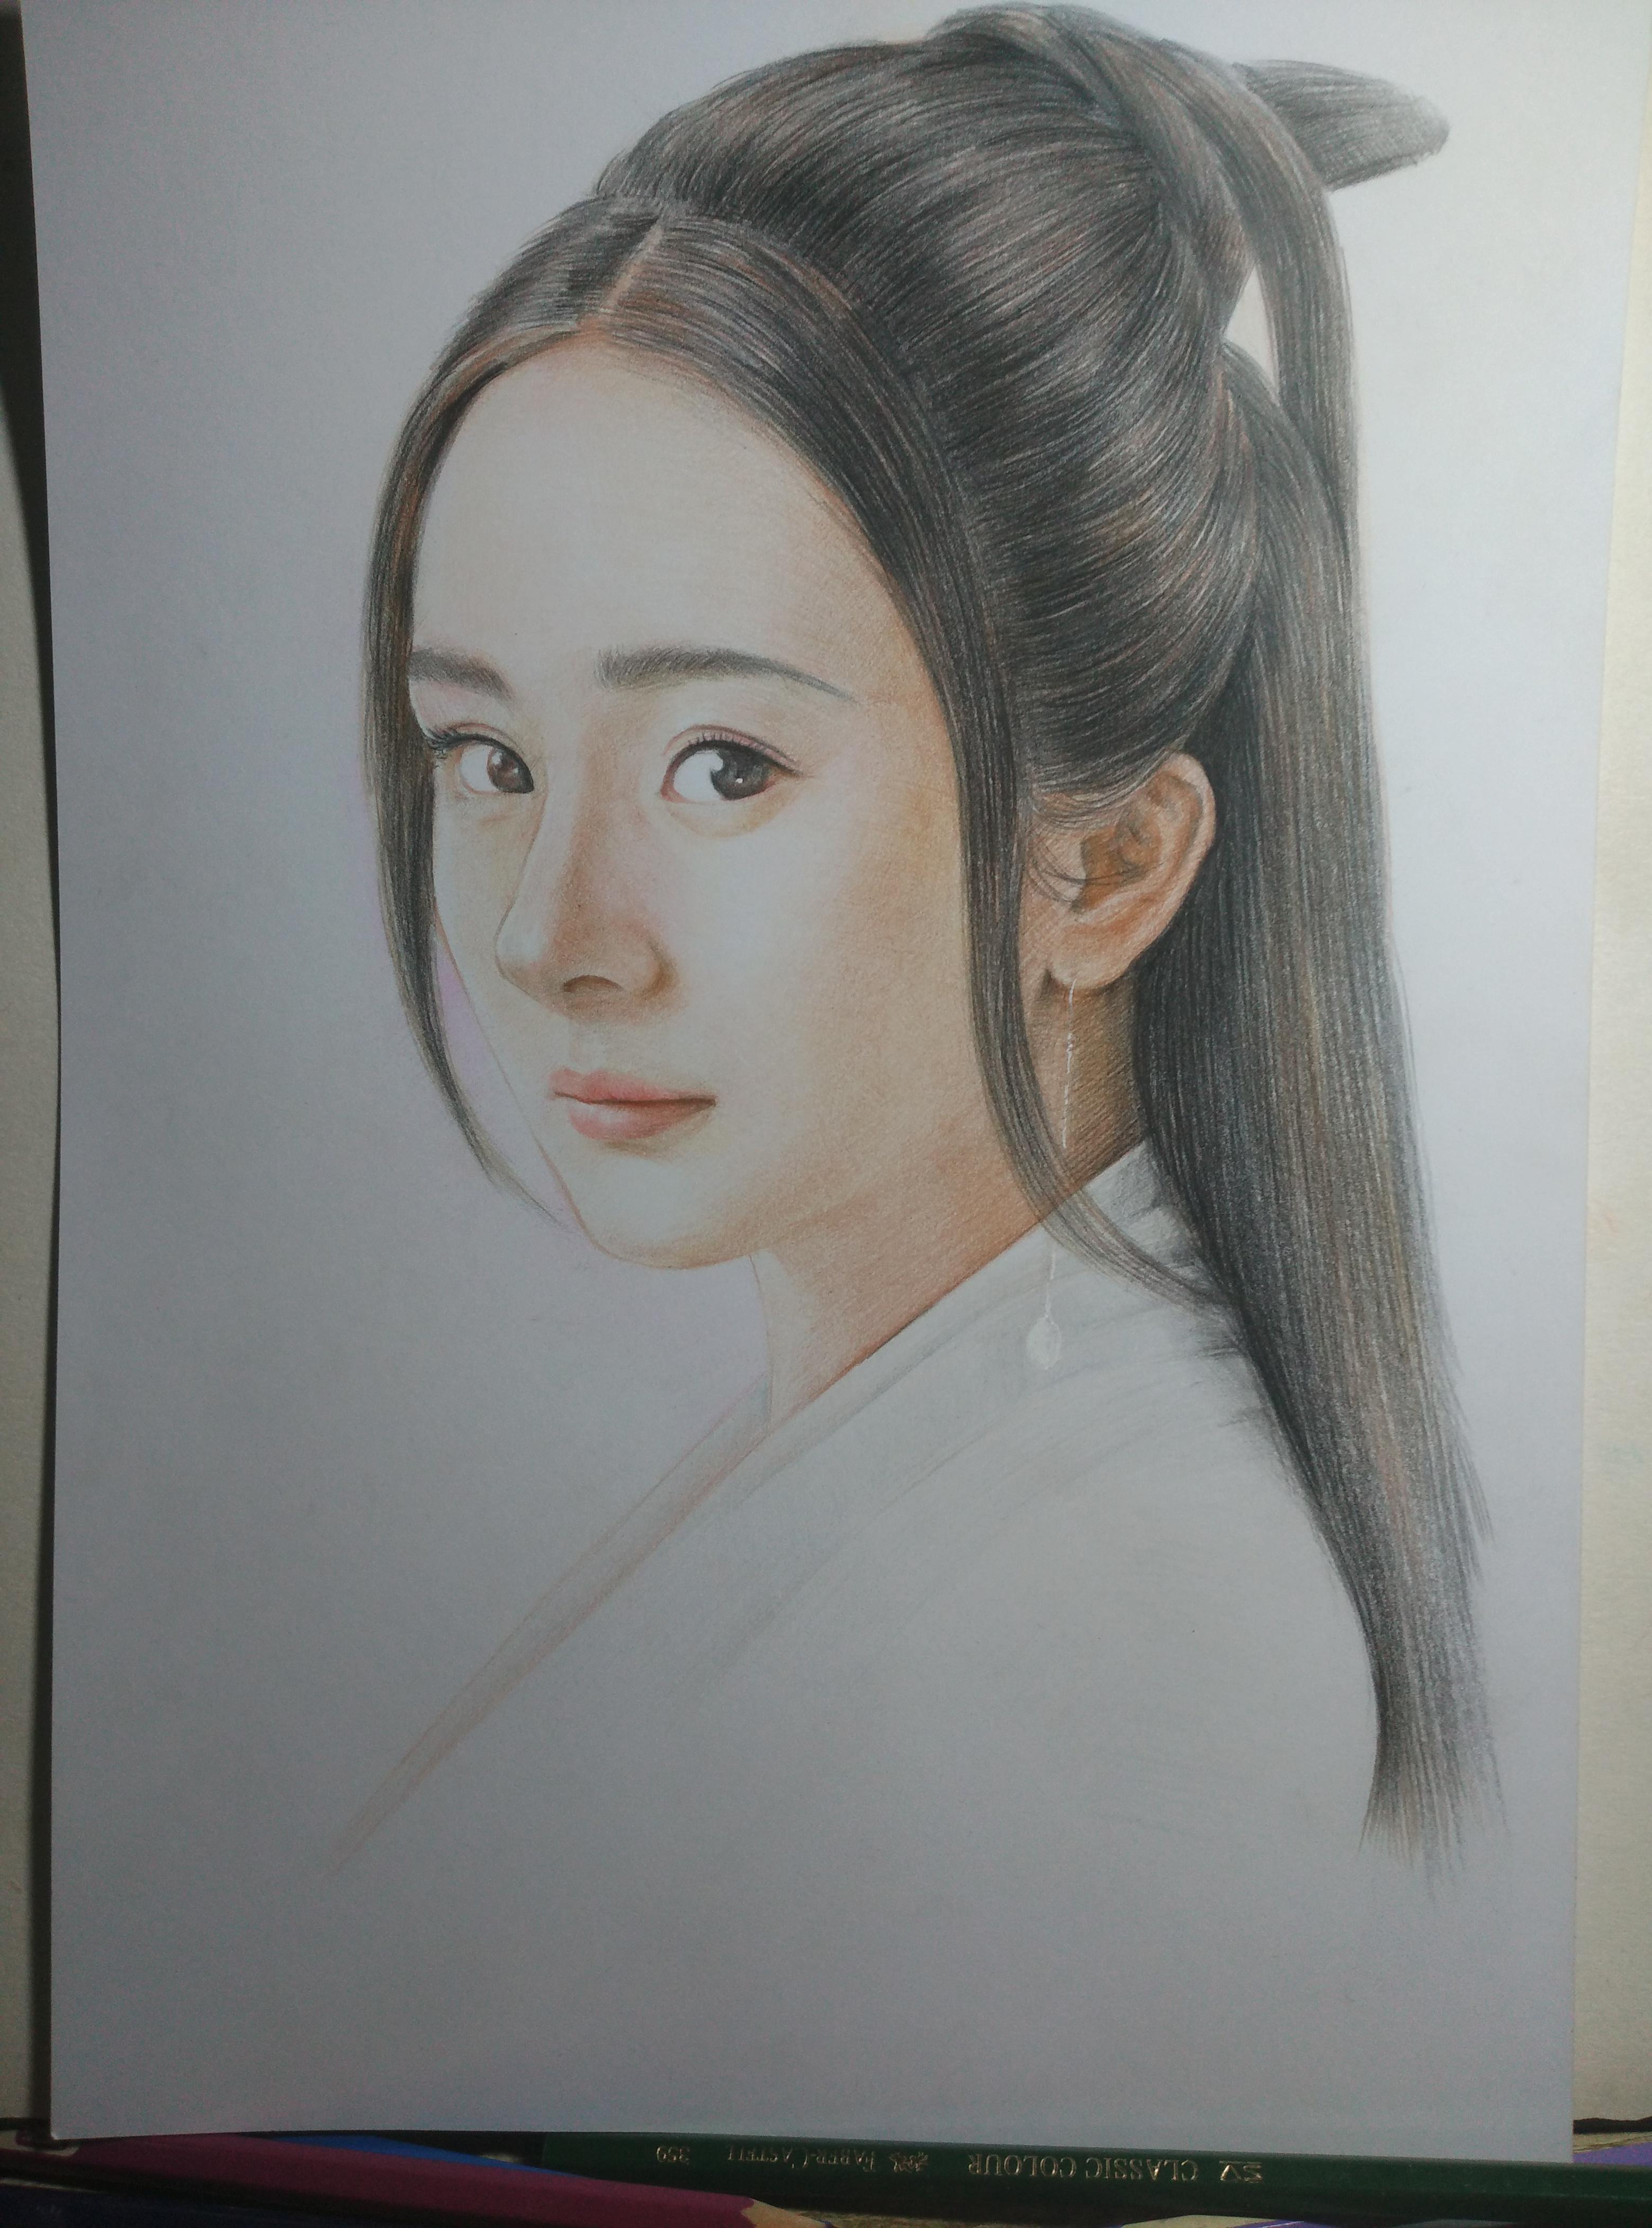 杨幂白浅铅笔手绘